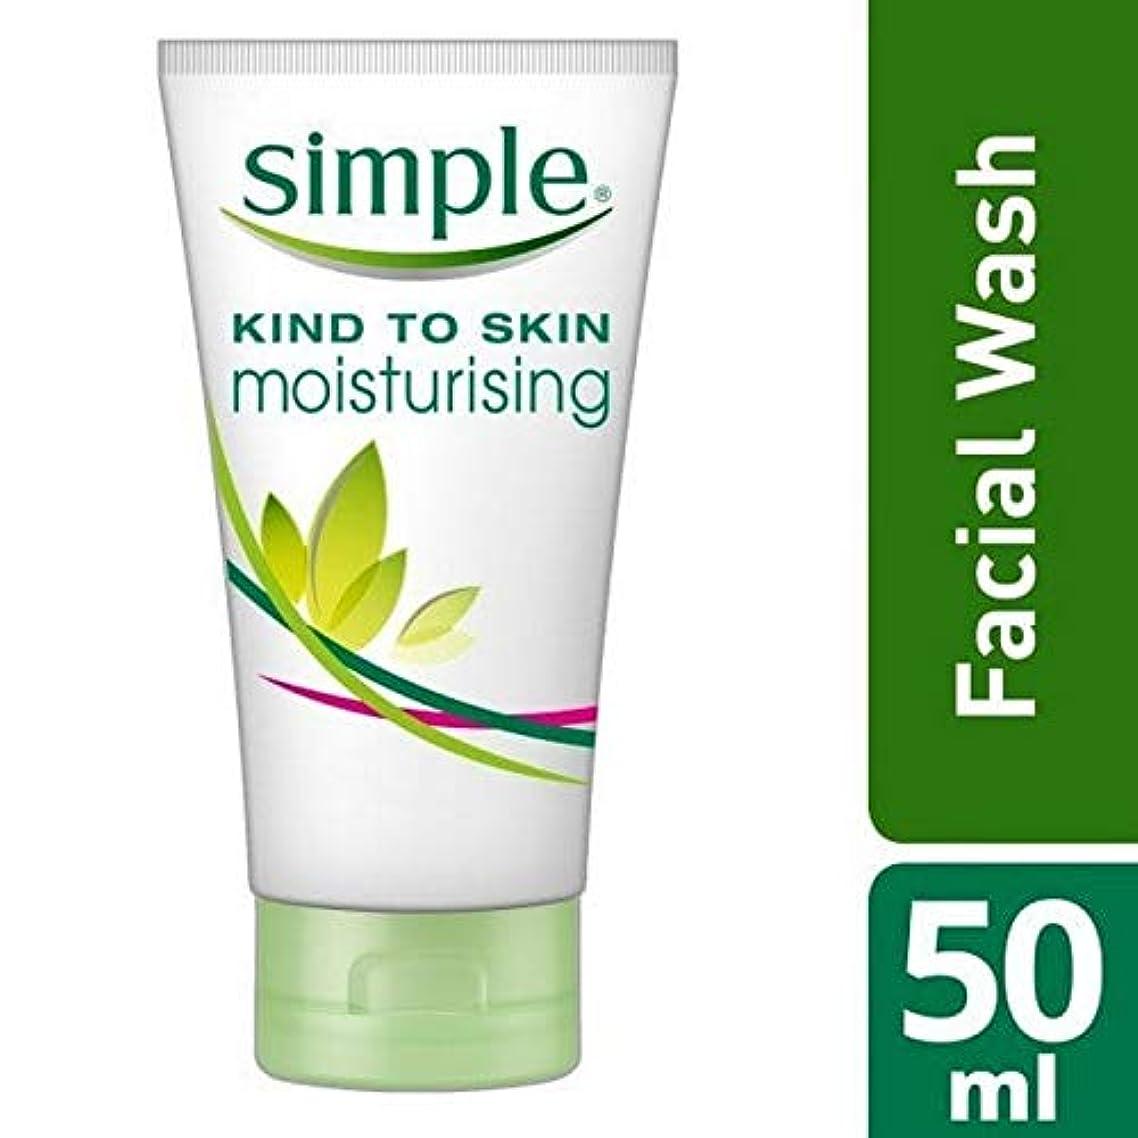 暗殺する純粋な受賞[Simple ] 洗顔50ミリリットルを保湿肌への単純な種類 - Simple Kind To Skin Moisturising Facial Wash 50ml [並行輸入品]